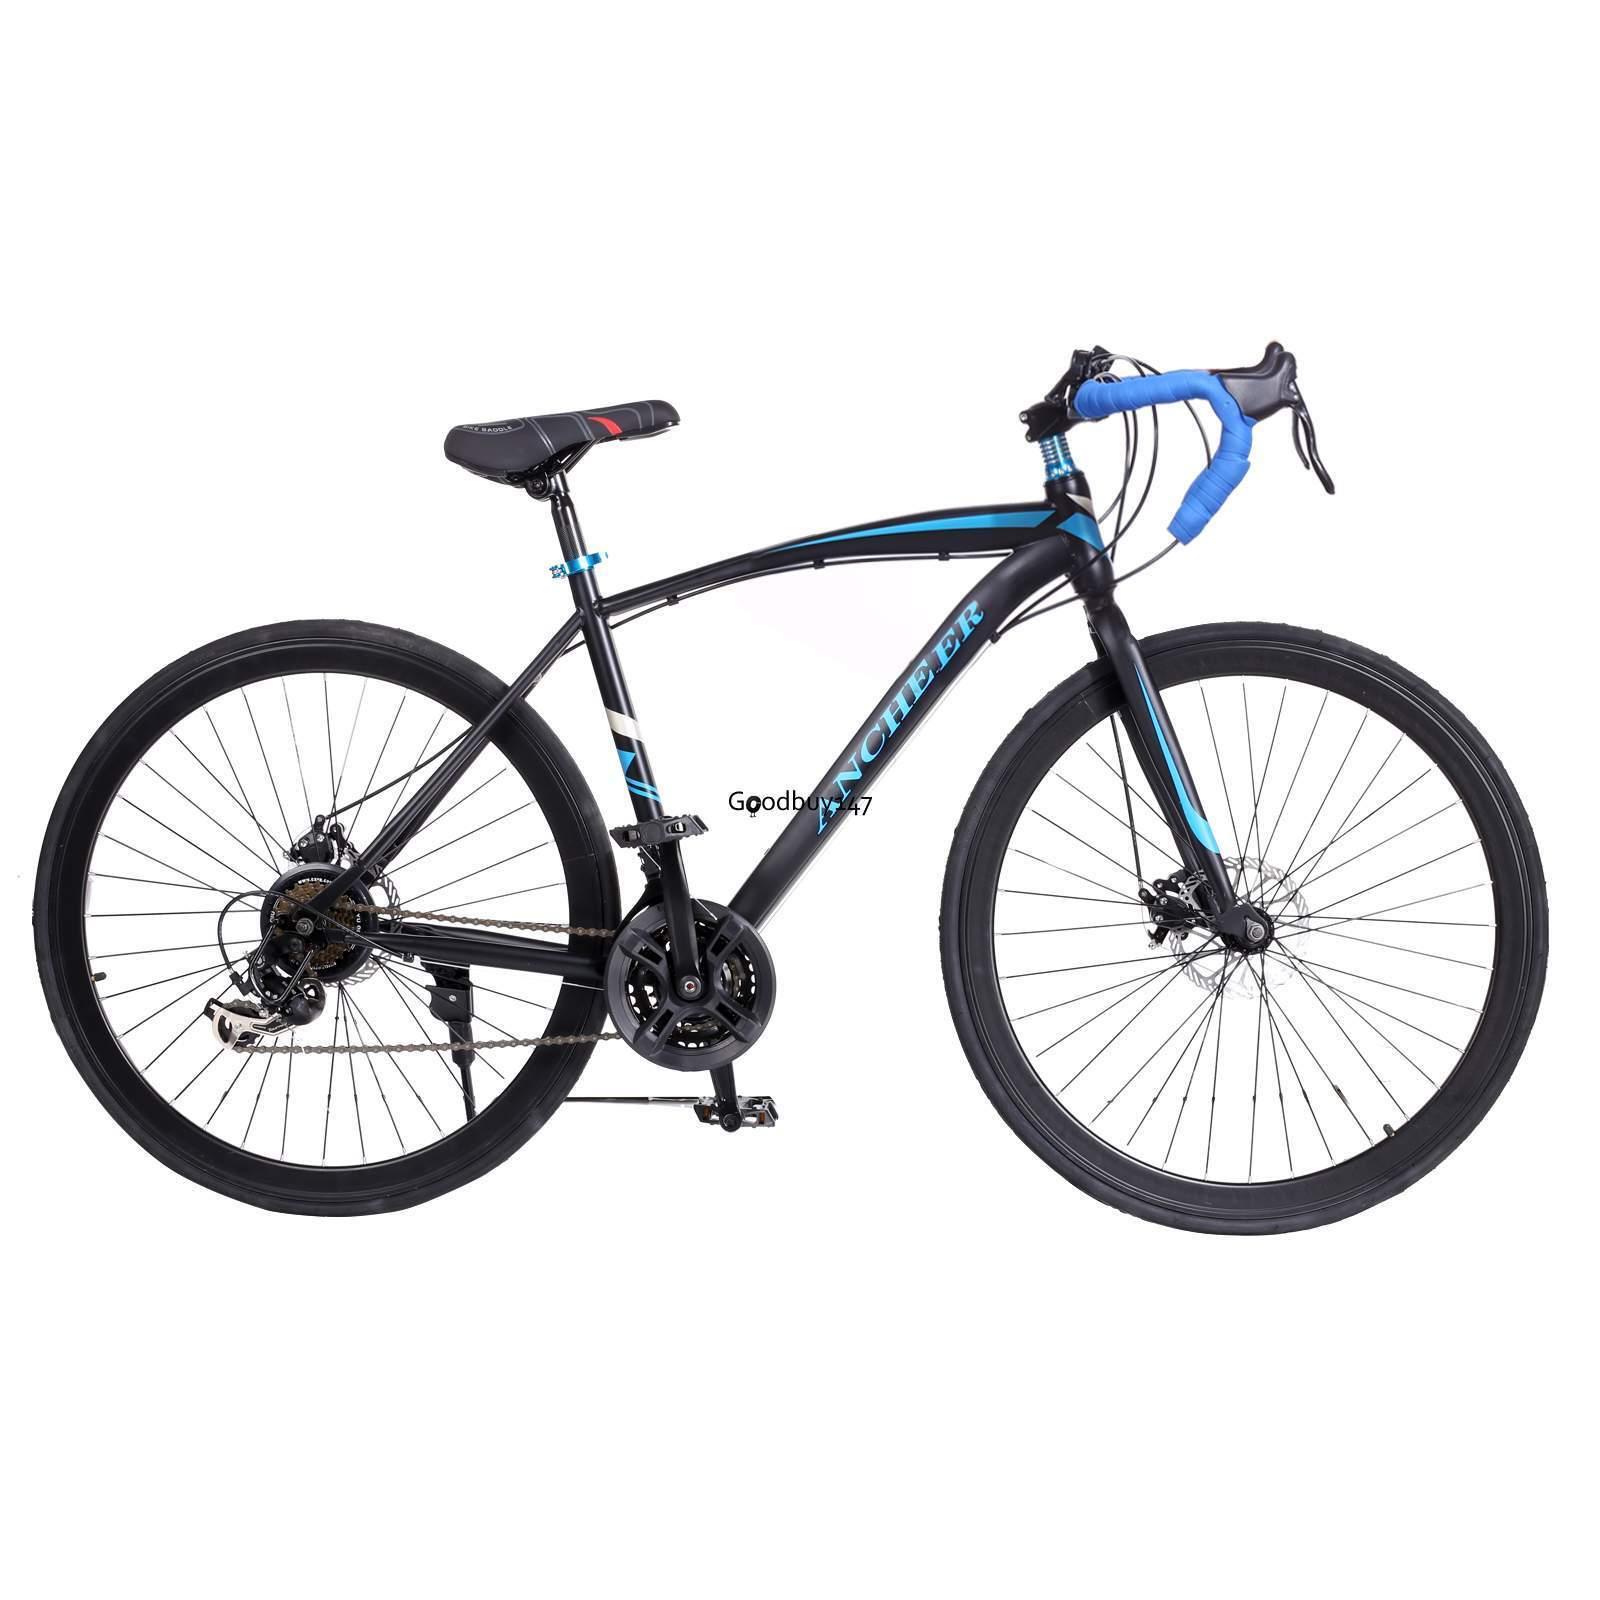 Mens 49.5cm High-carbon Steel Road Bike Racing 700C Bicycle 21 Speed